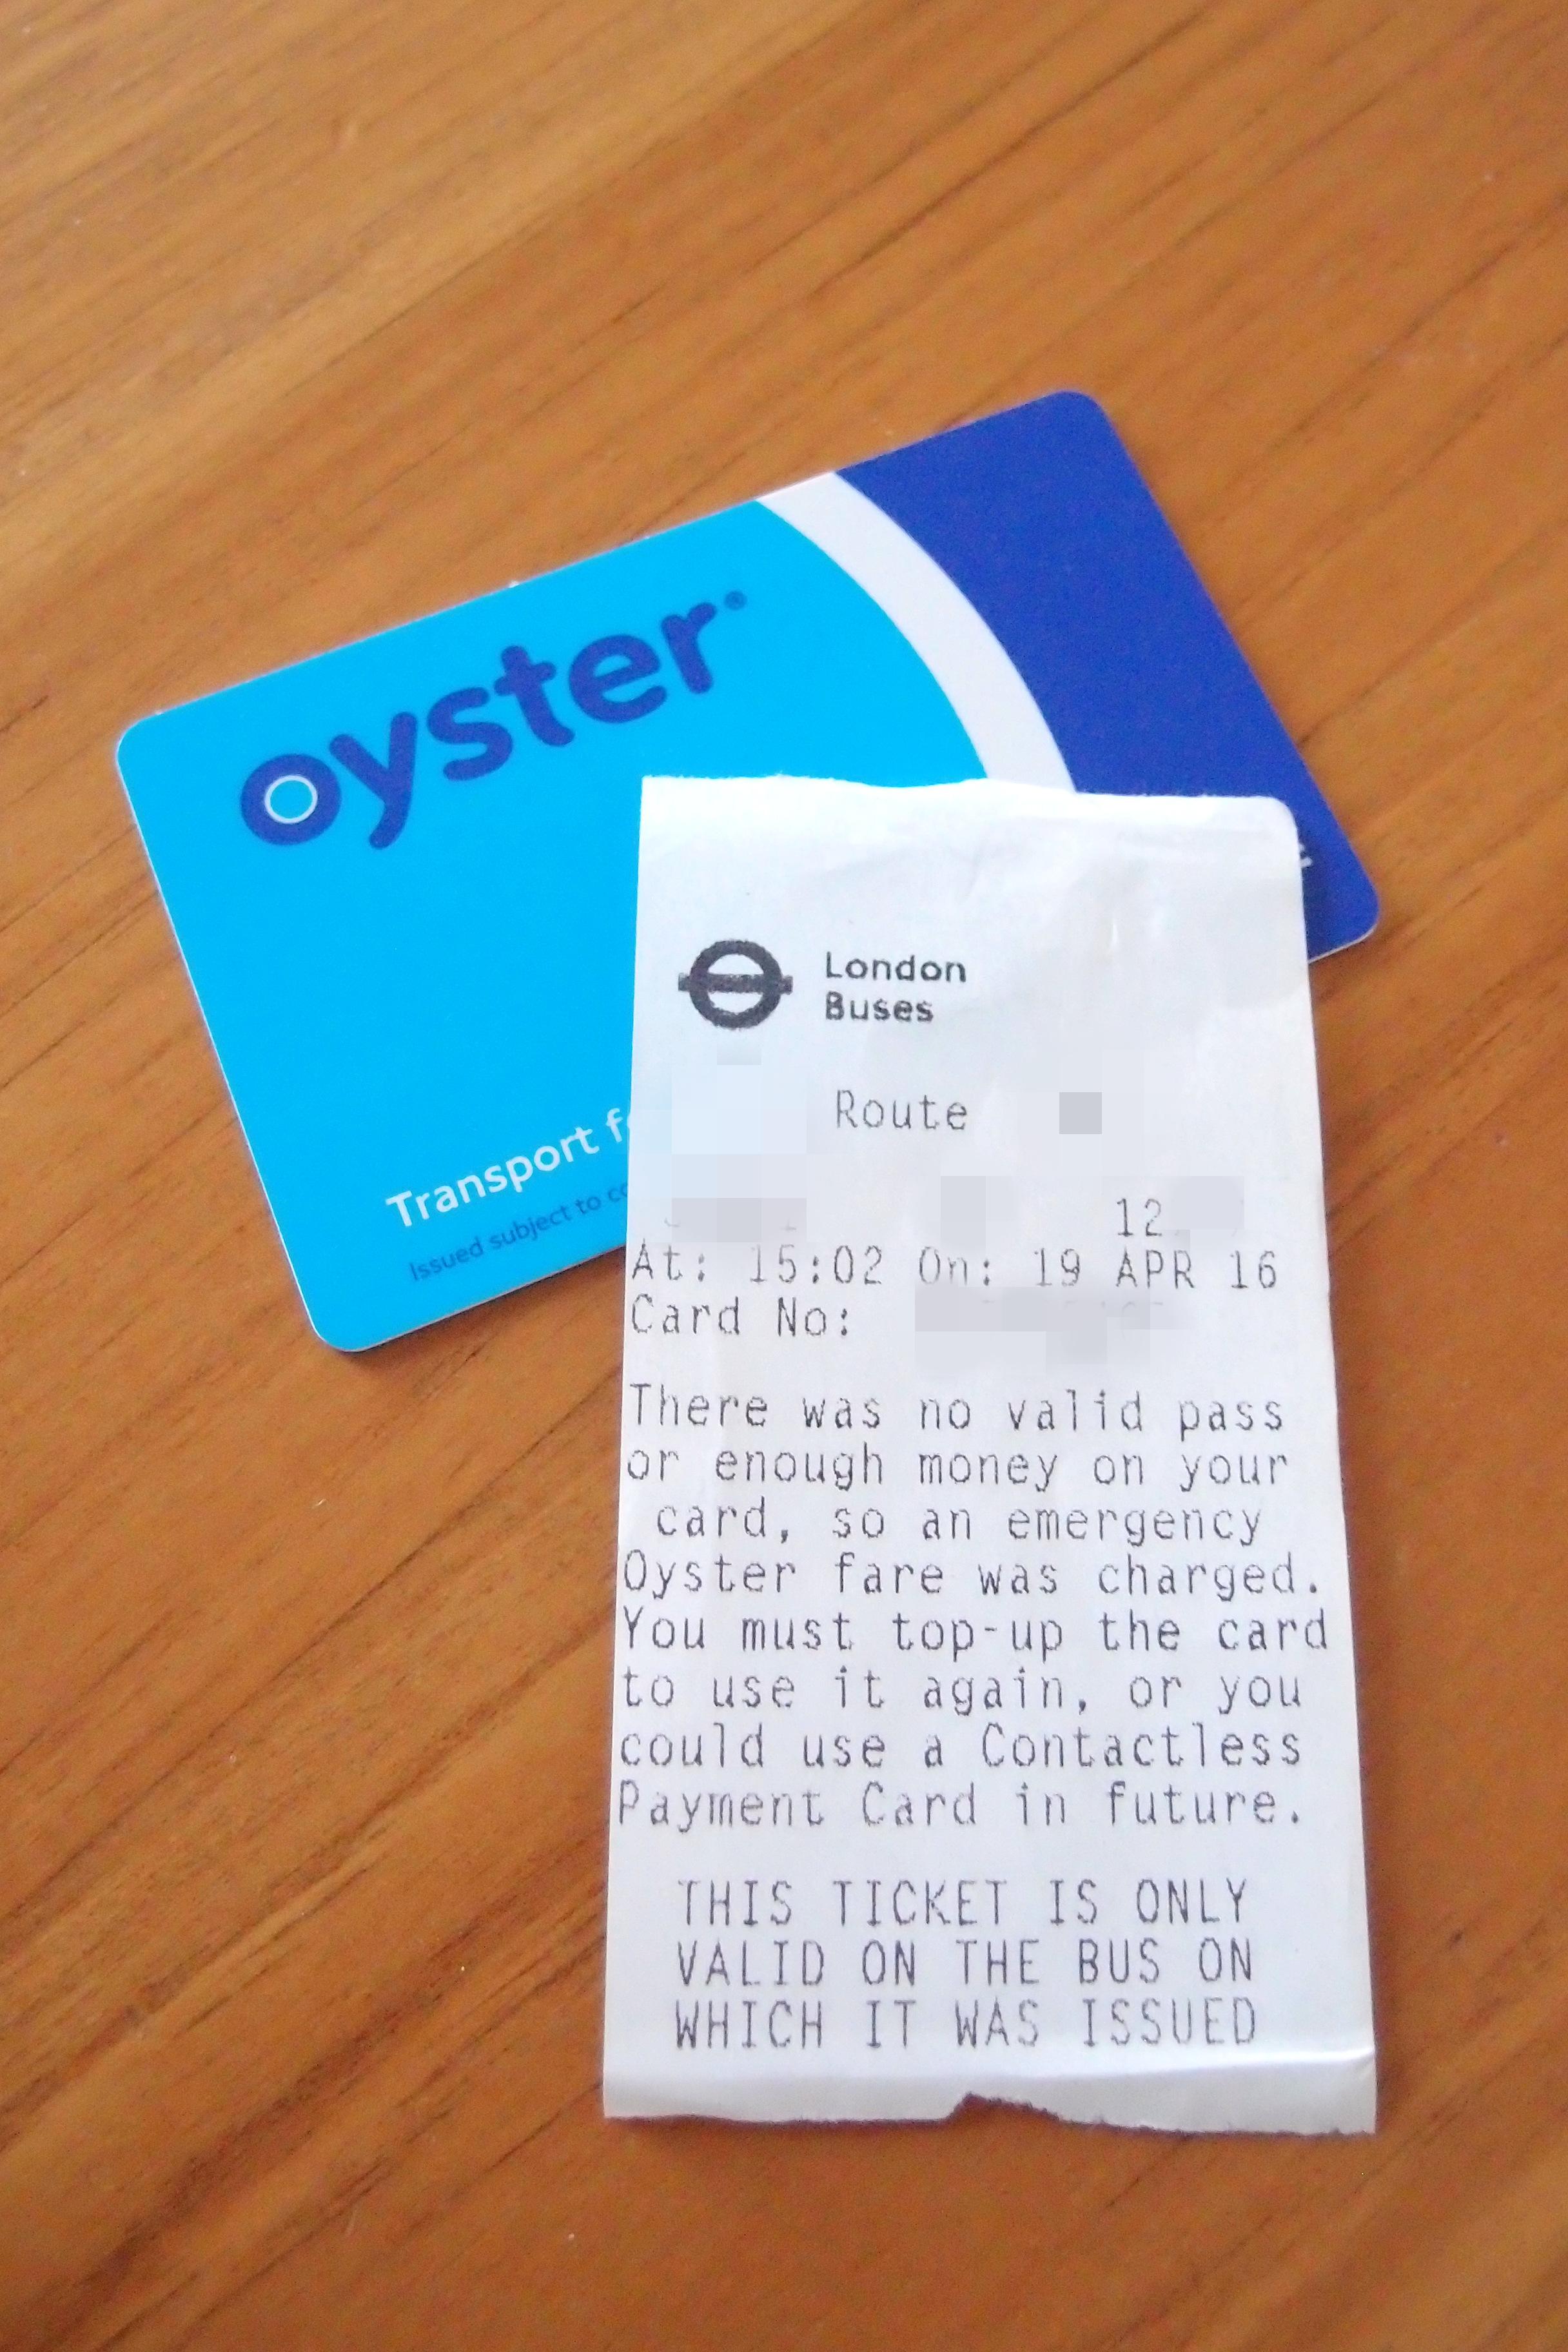 オイスターカードに十分な残高がない状態でバスに乗るとどうなるか。One more bus journey to get you homeとは?